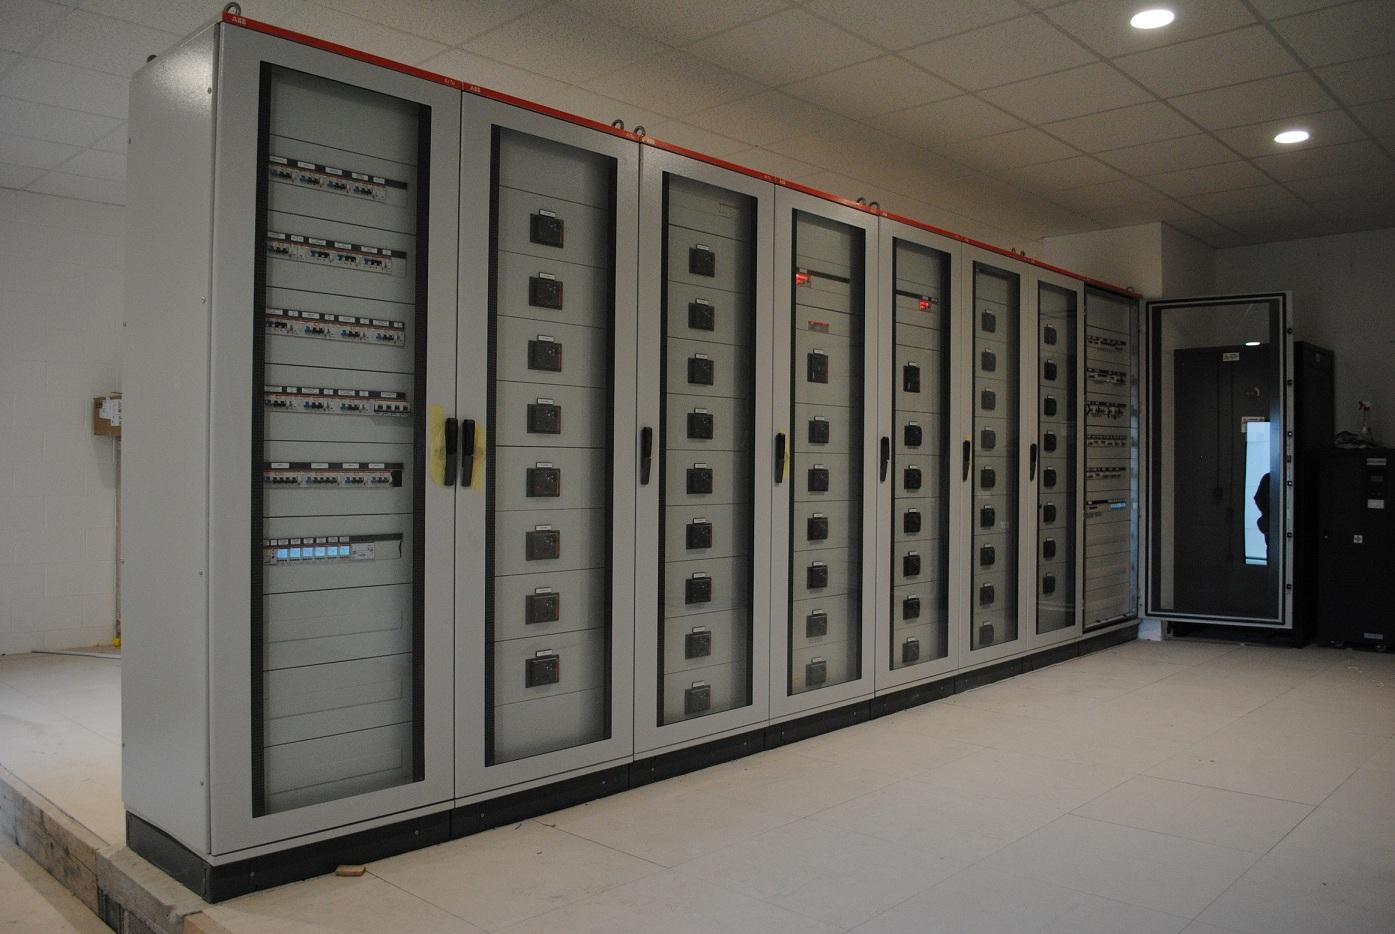 Schemi Quadri Elettrici Lowara : Aggiornata la guida tecnica cei elettro